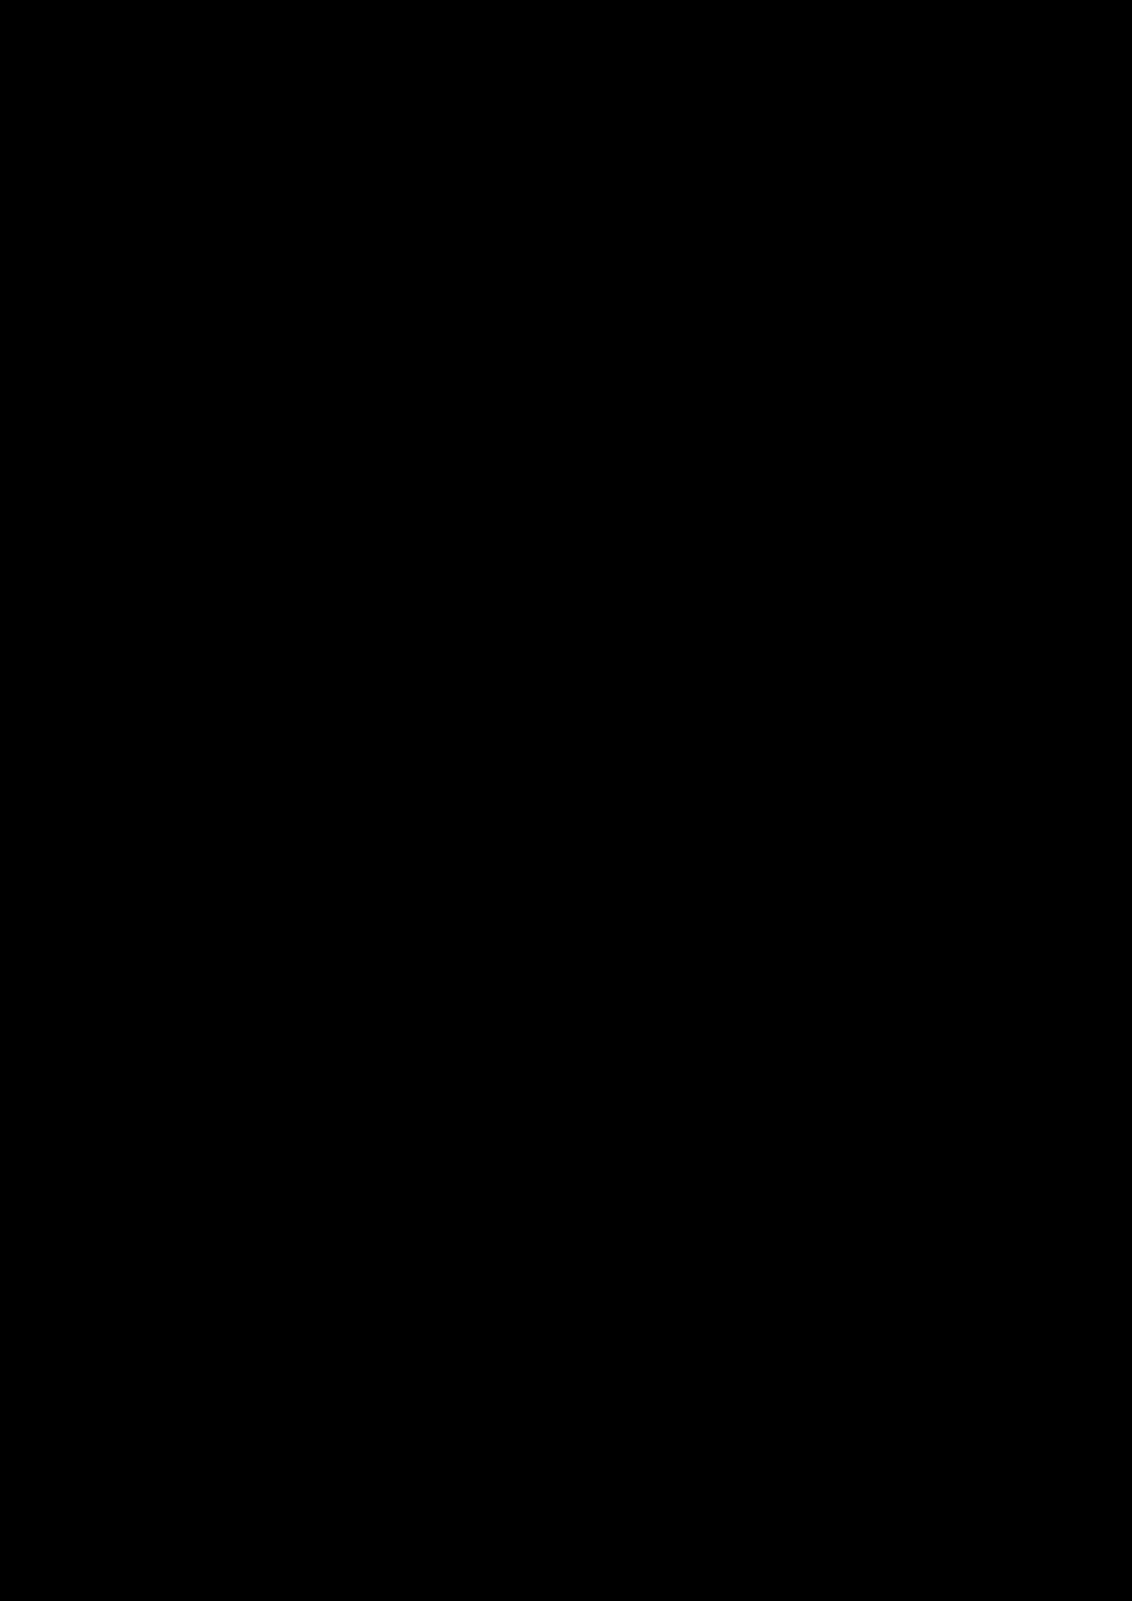 Zagadka volshebnoy stranyi slide, Image 27